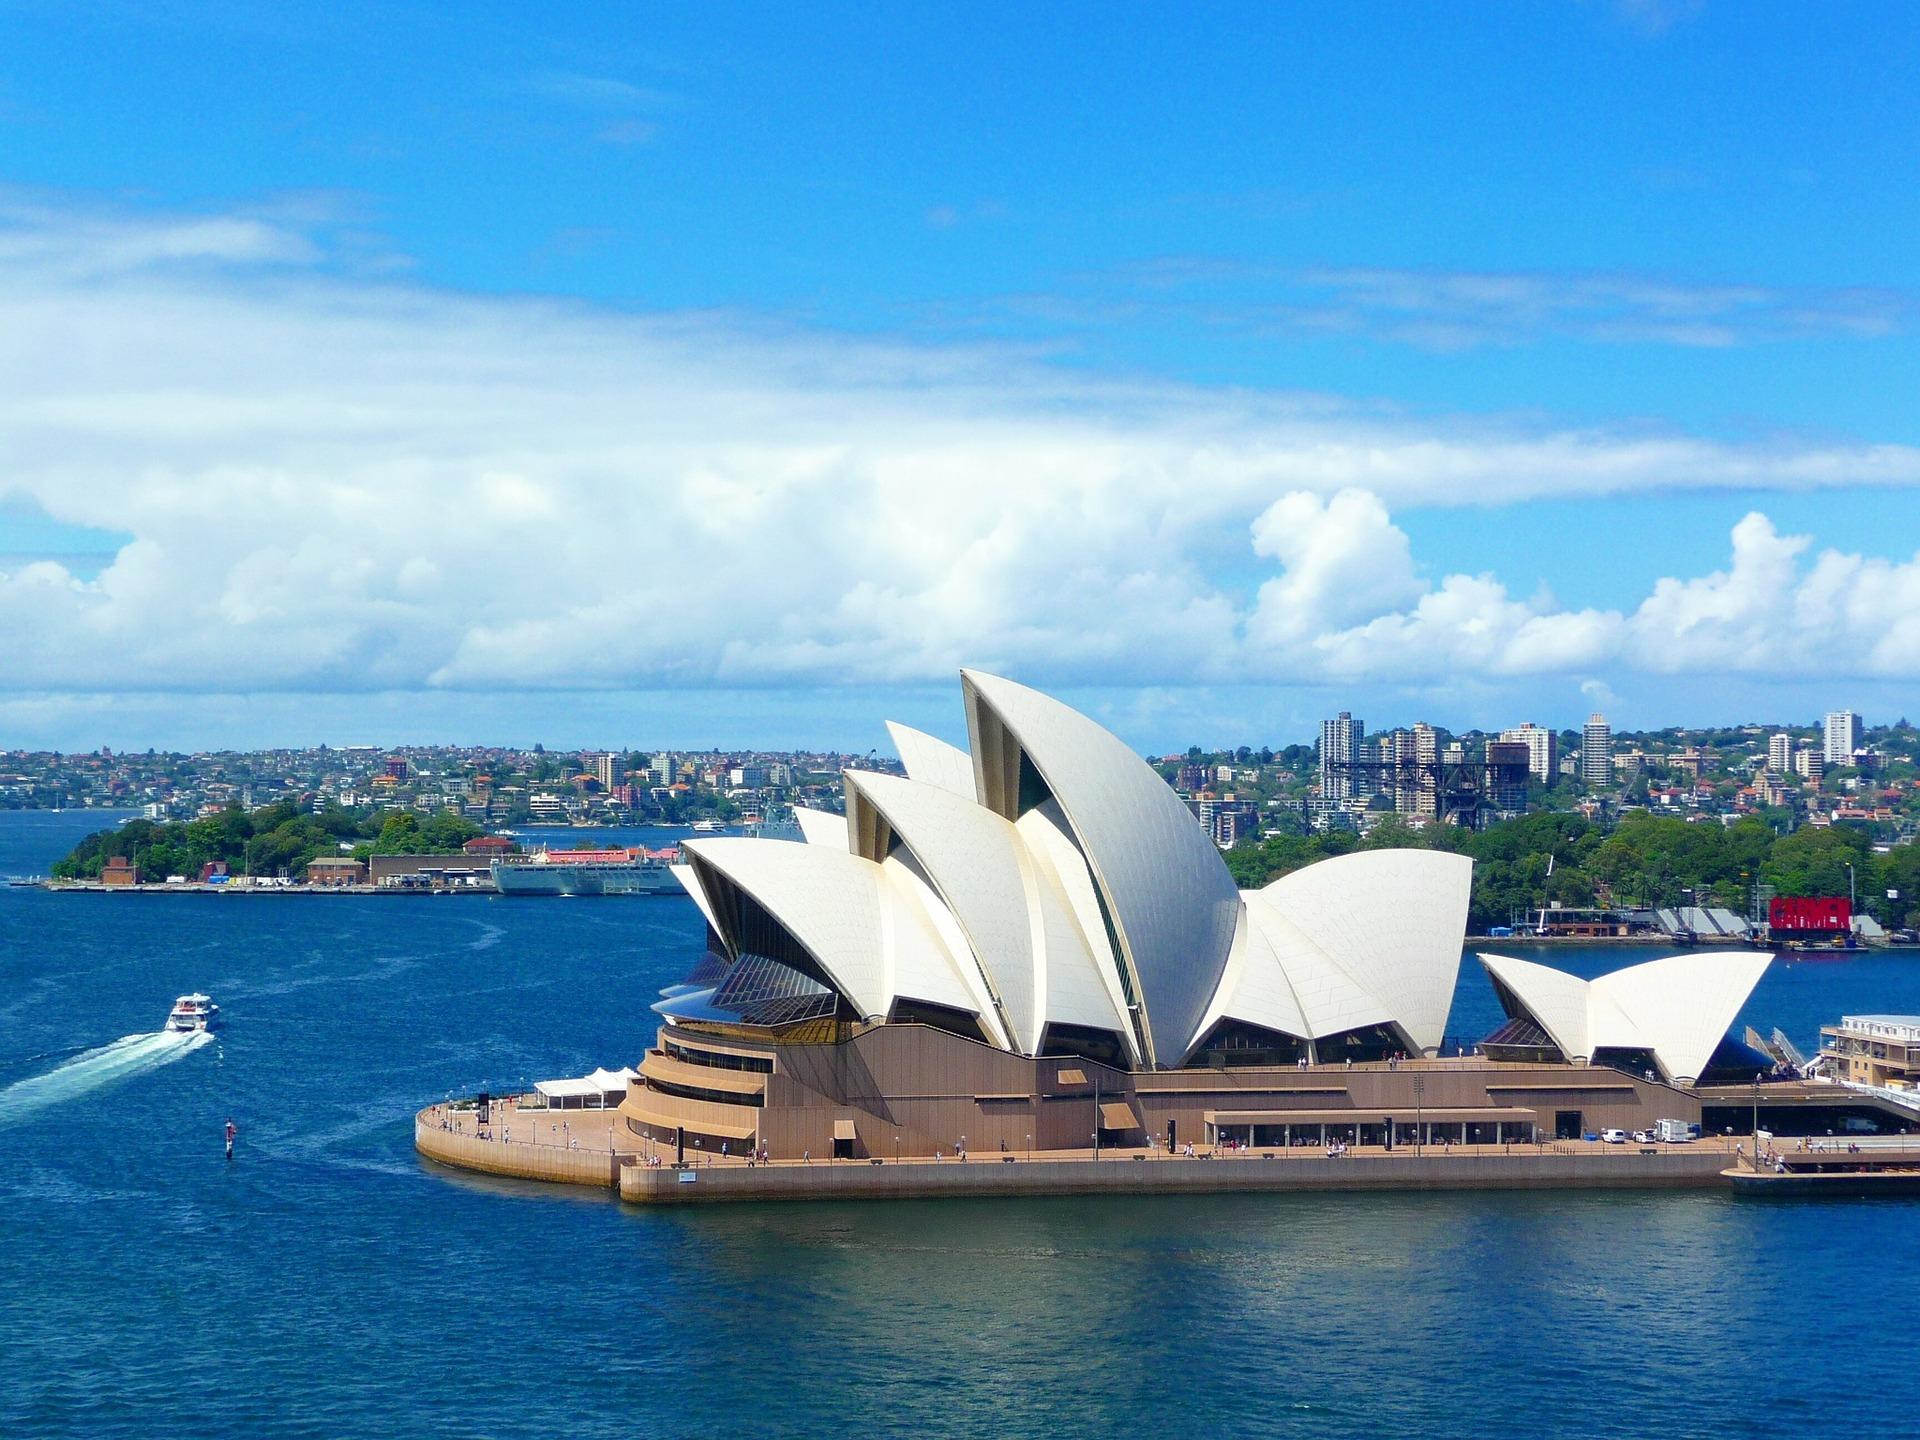 ★シンガポール航空で世界三大美港といわれるシドニーへ★<br />スーペリアグレードホテルに泊まる 3泊6日間 カード決済OK